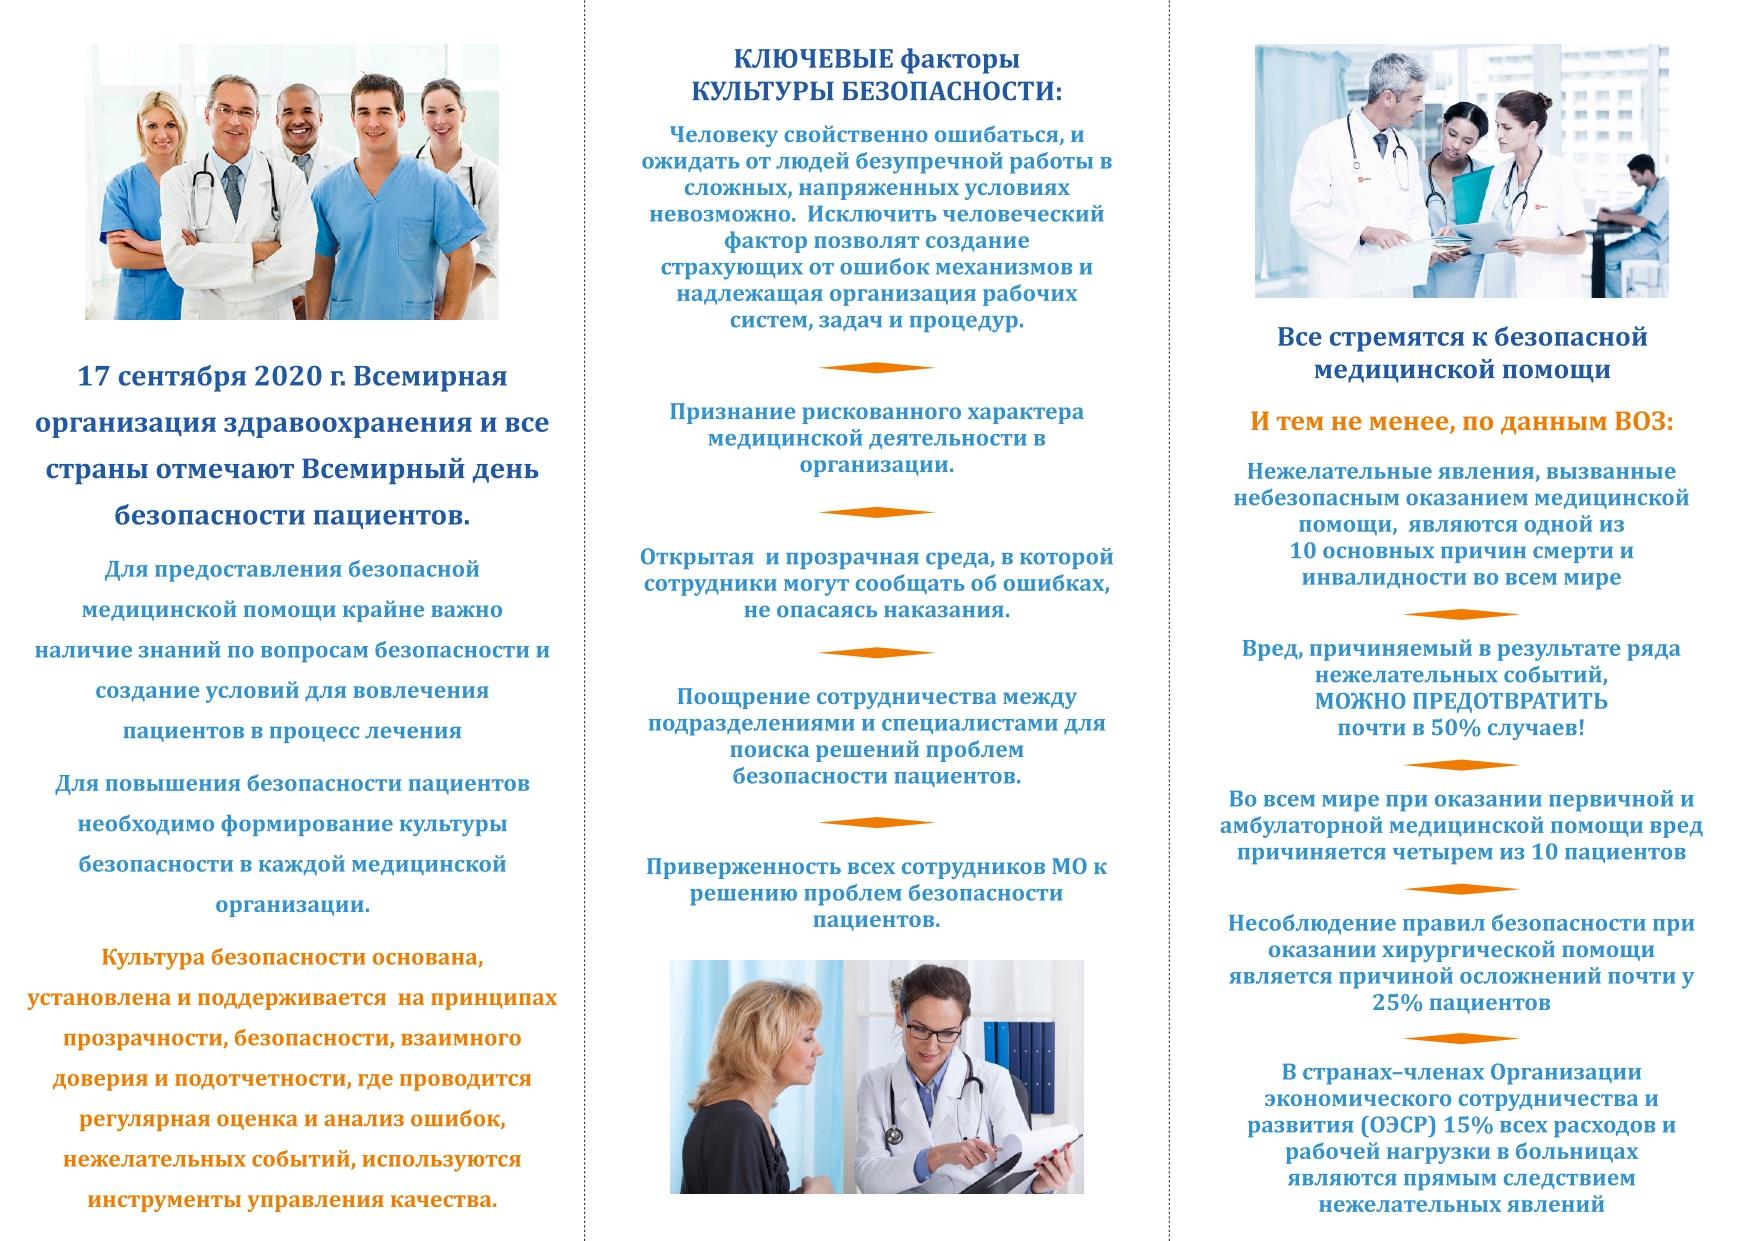 17 сентября 1 Всемирный день безопасности пациента